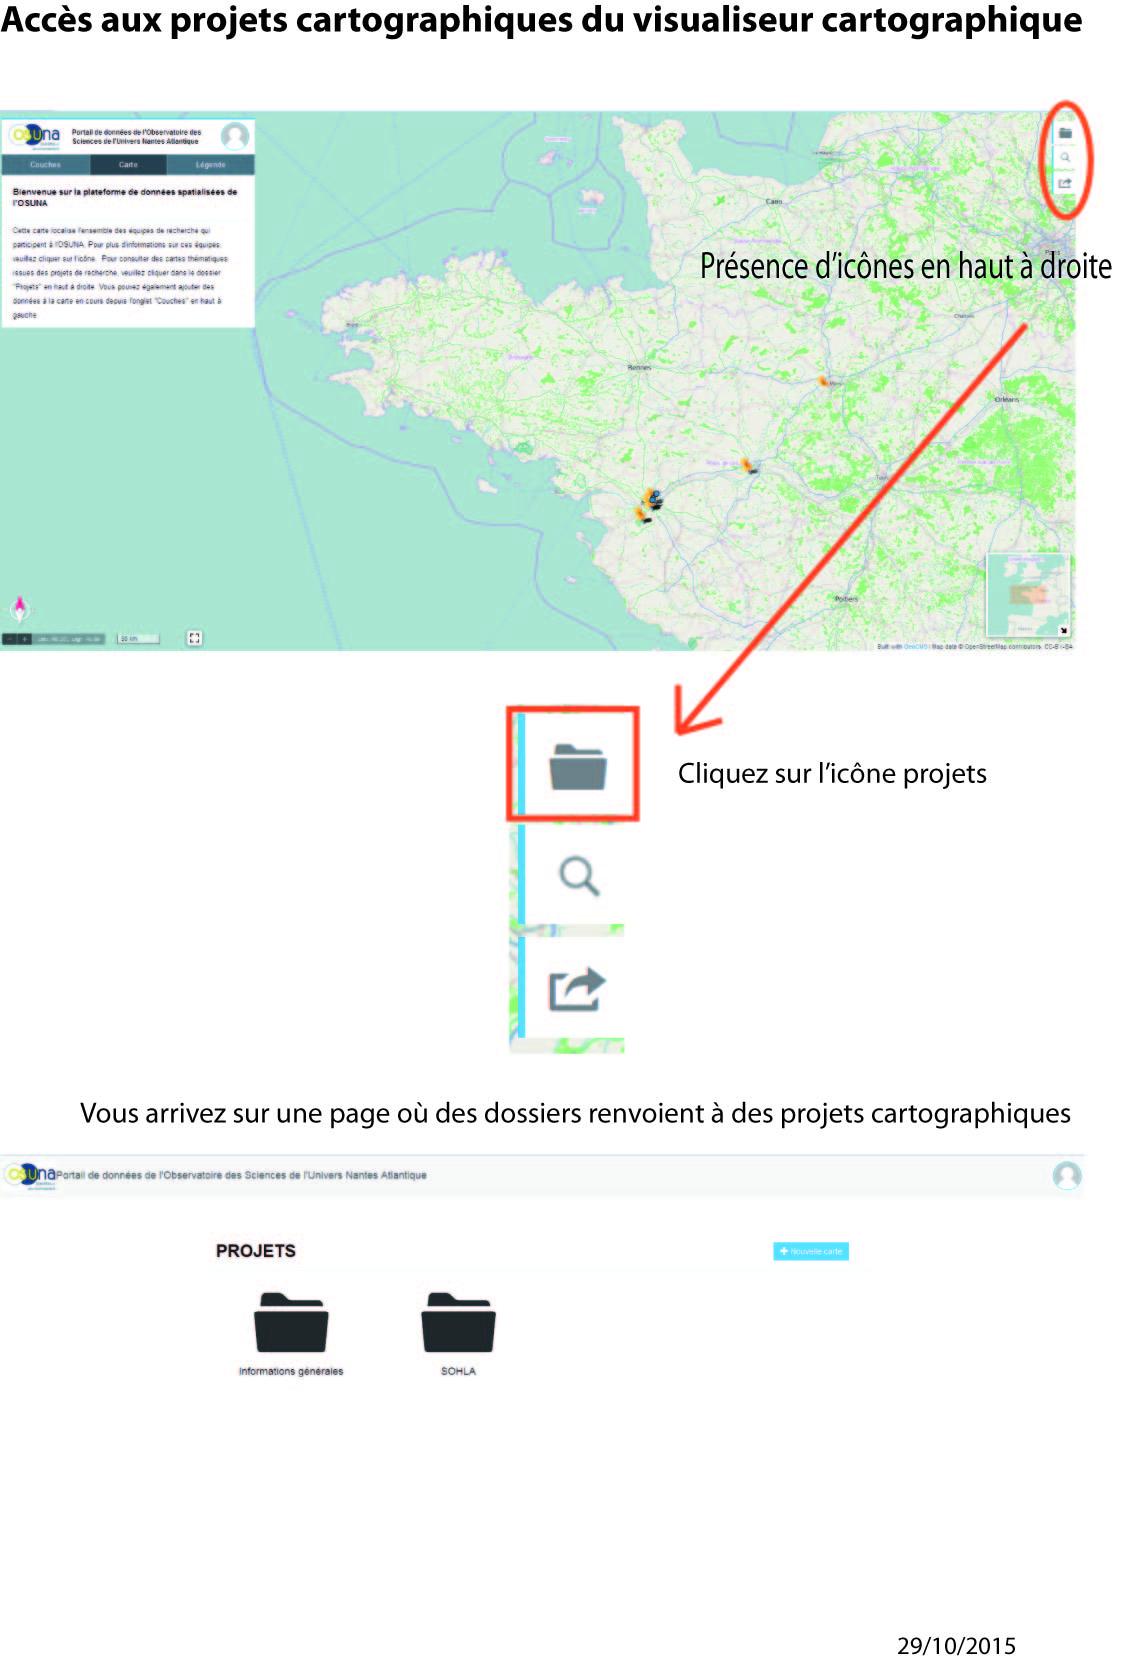 tuto simplifie utilisation visualiseur cartographique